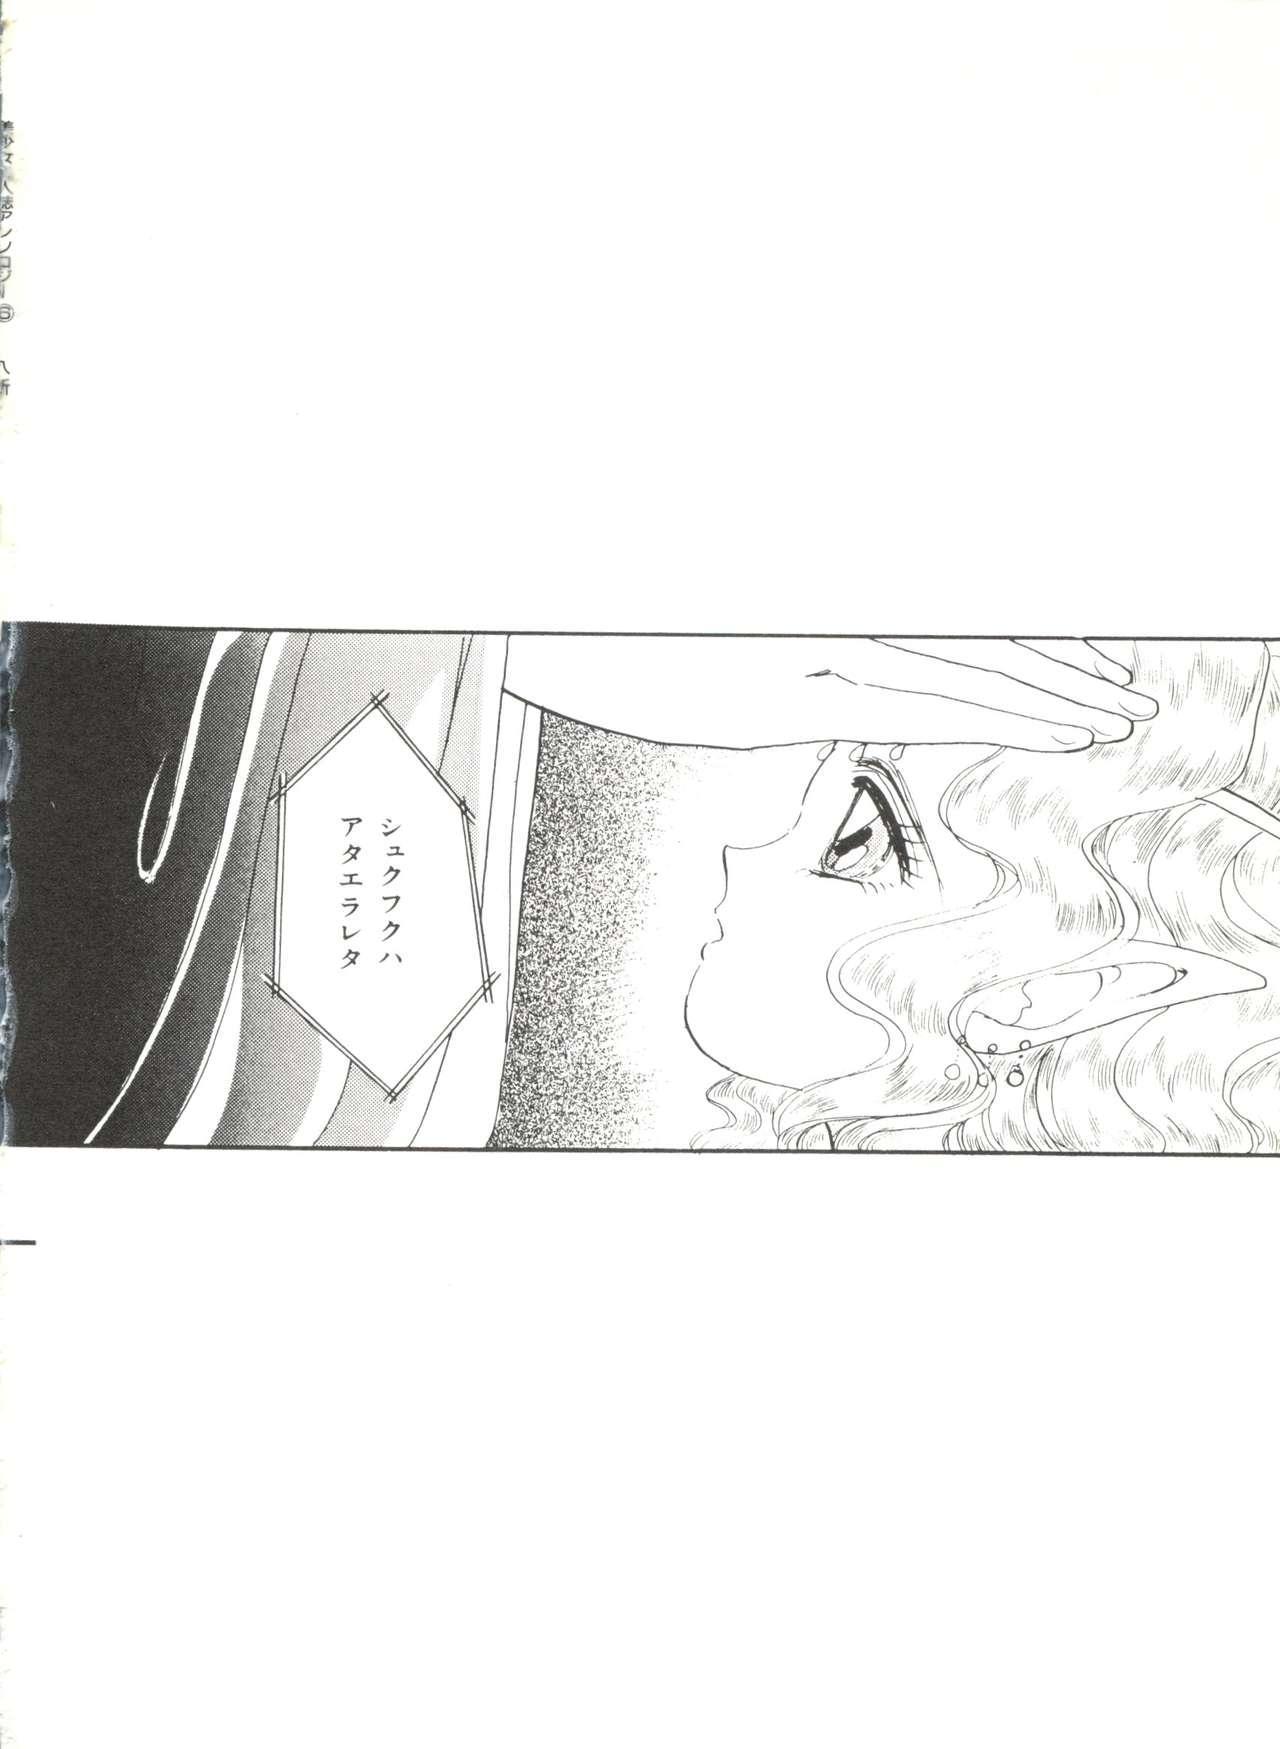 Bishoujo Doujinshi Anthology 6 131